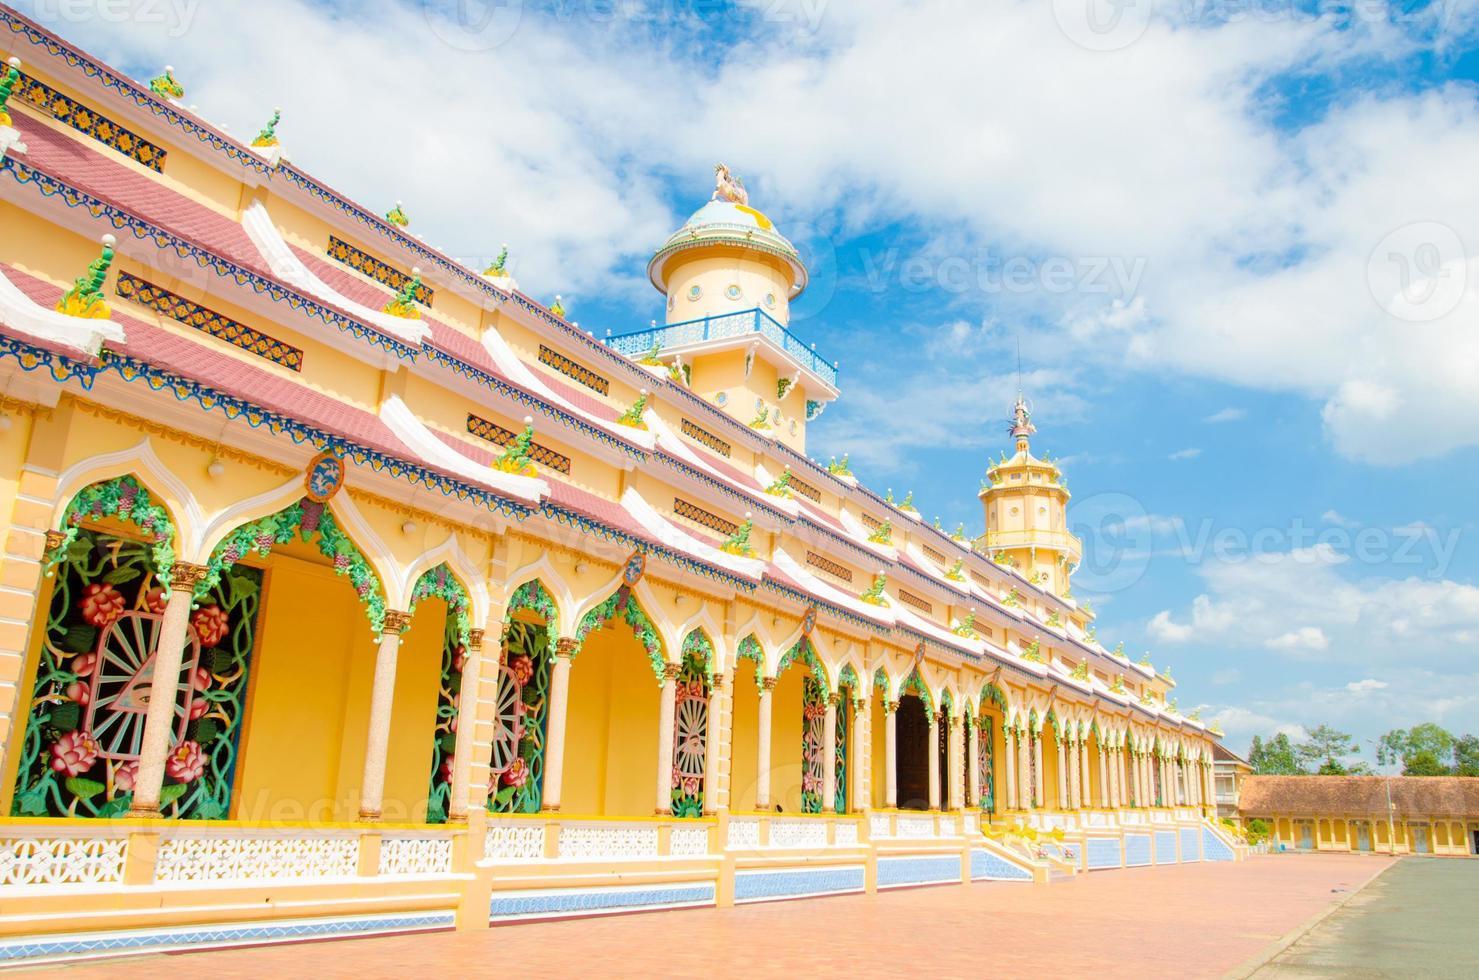 cao dai tempel in de provincie tay ninh foto